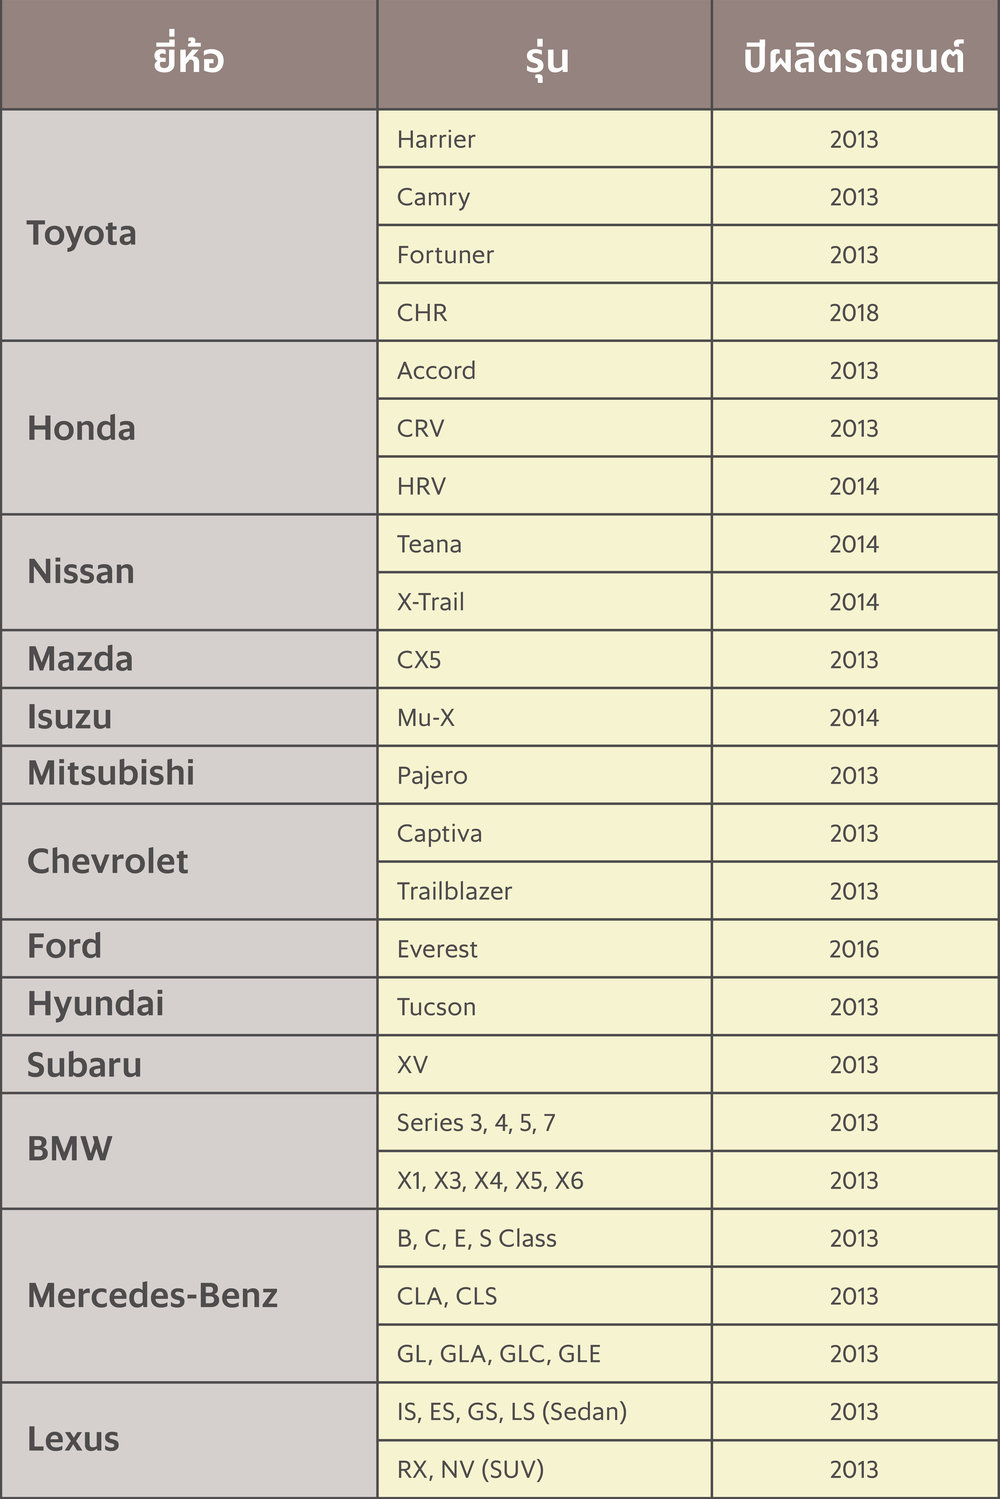 * ปีผลิตรถยนต์ตั้งแต่ปีที่ระบุจวบจนปีปัจจุบัน ** ข้อมูลอัปเดตเมื่อวันที่ 19 มีนาคม 2561 ***สำหรับสมาชิก GrabCar Plus ปัจจุบัน ที่มีรุ่นปีผลิตรถยนต์ตั้งแต่ปี 2008-2012 สามารถรับงาน GrabCar Plus ได้ตามปกติ ****บริษัทฯ ขอสงวนสิทธิ์ในการเปลี่ยนแปลงเงื่อนไข และเพิ่มเติมรุ่นรถยนต์โดยไม่แจ้งล่วงหน้า